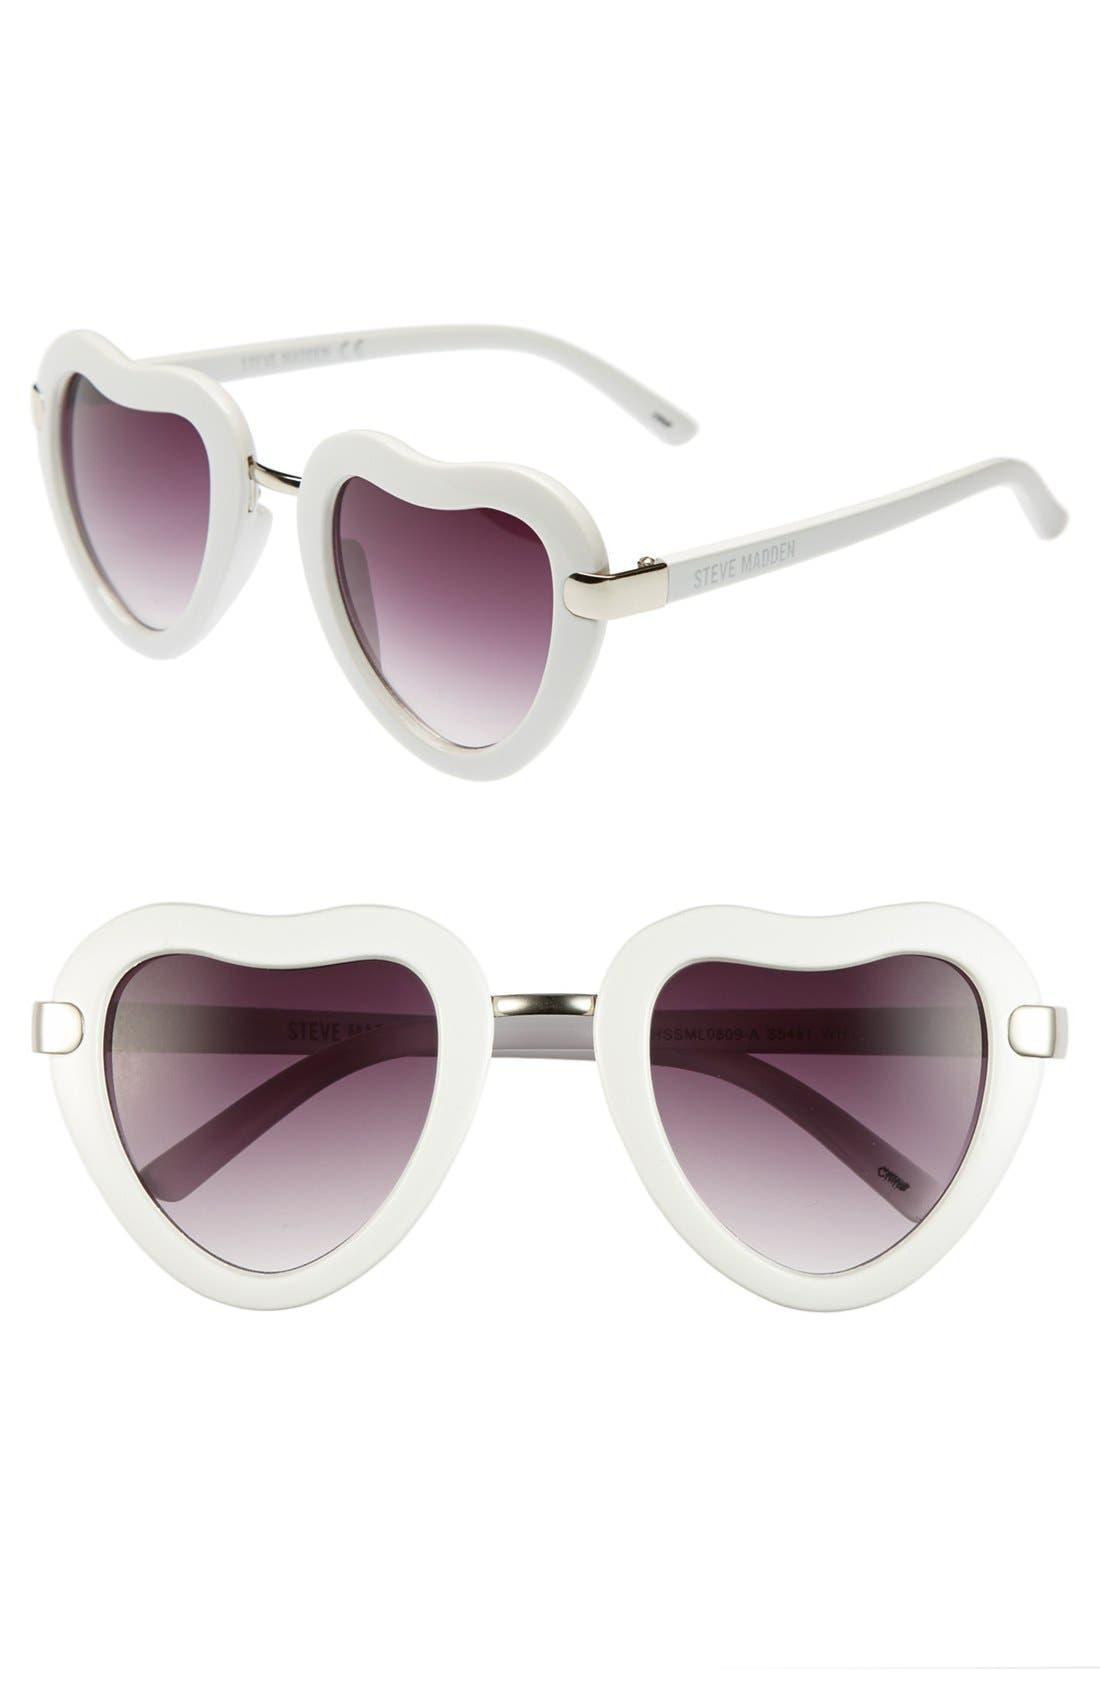 Main Image - Steve Madden 'Heart' 46mm Sunglasses